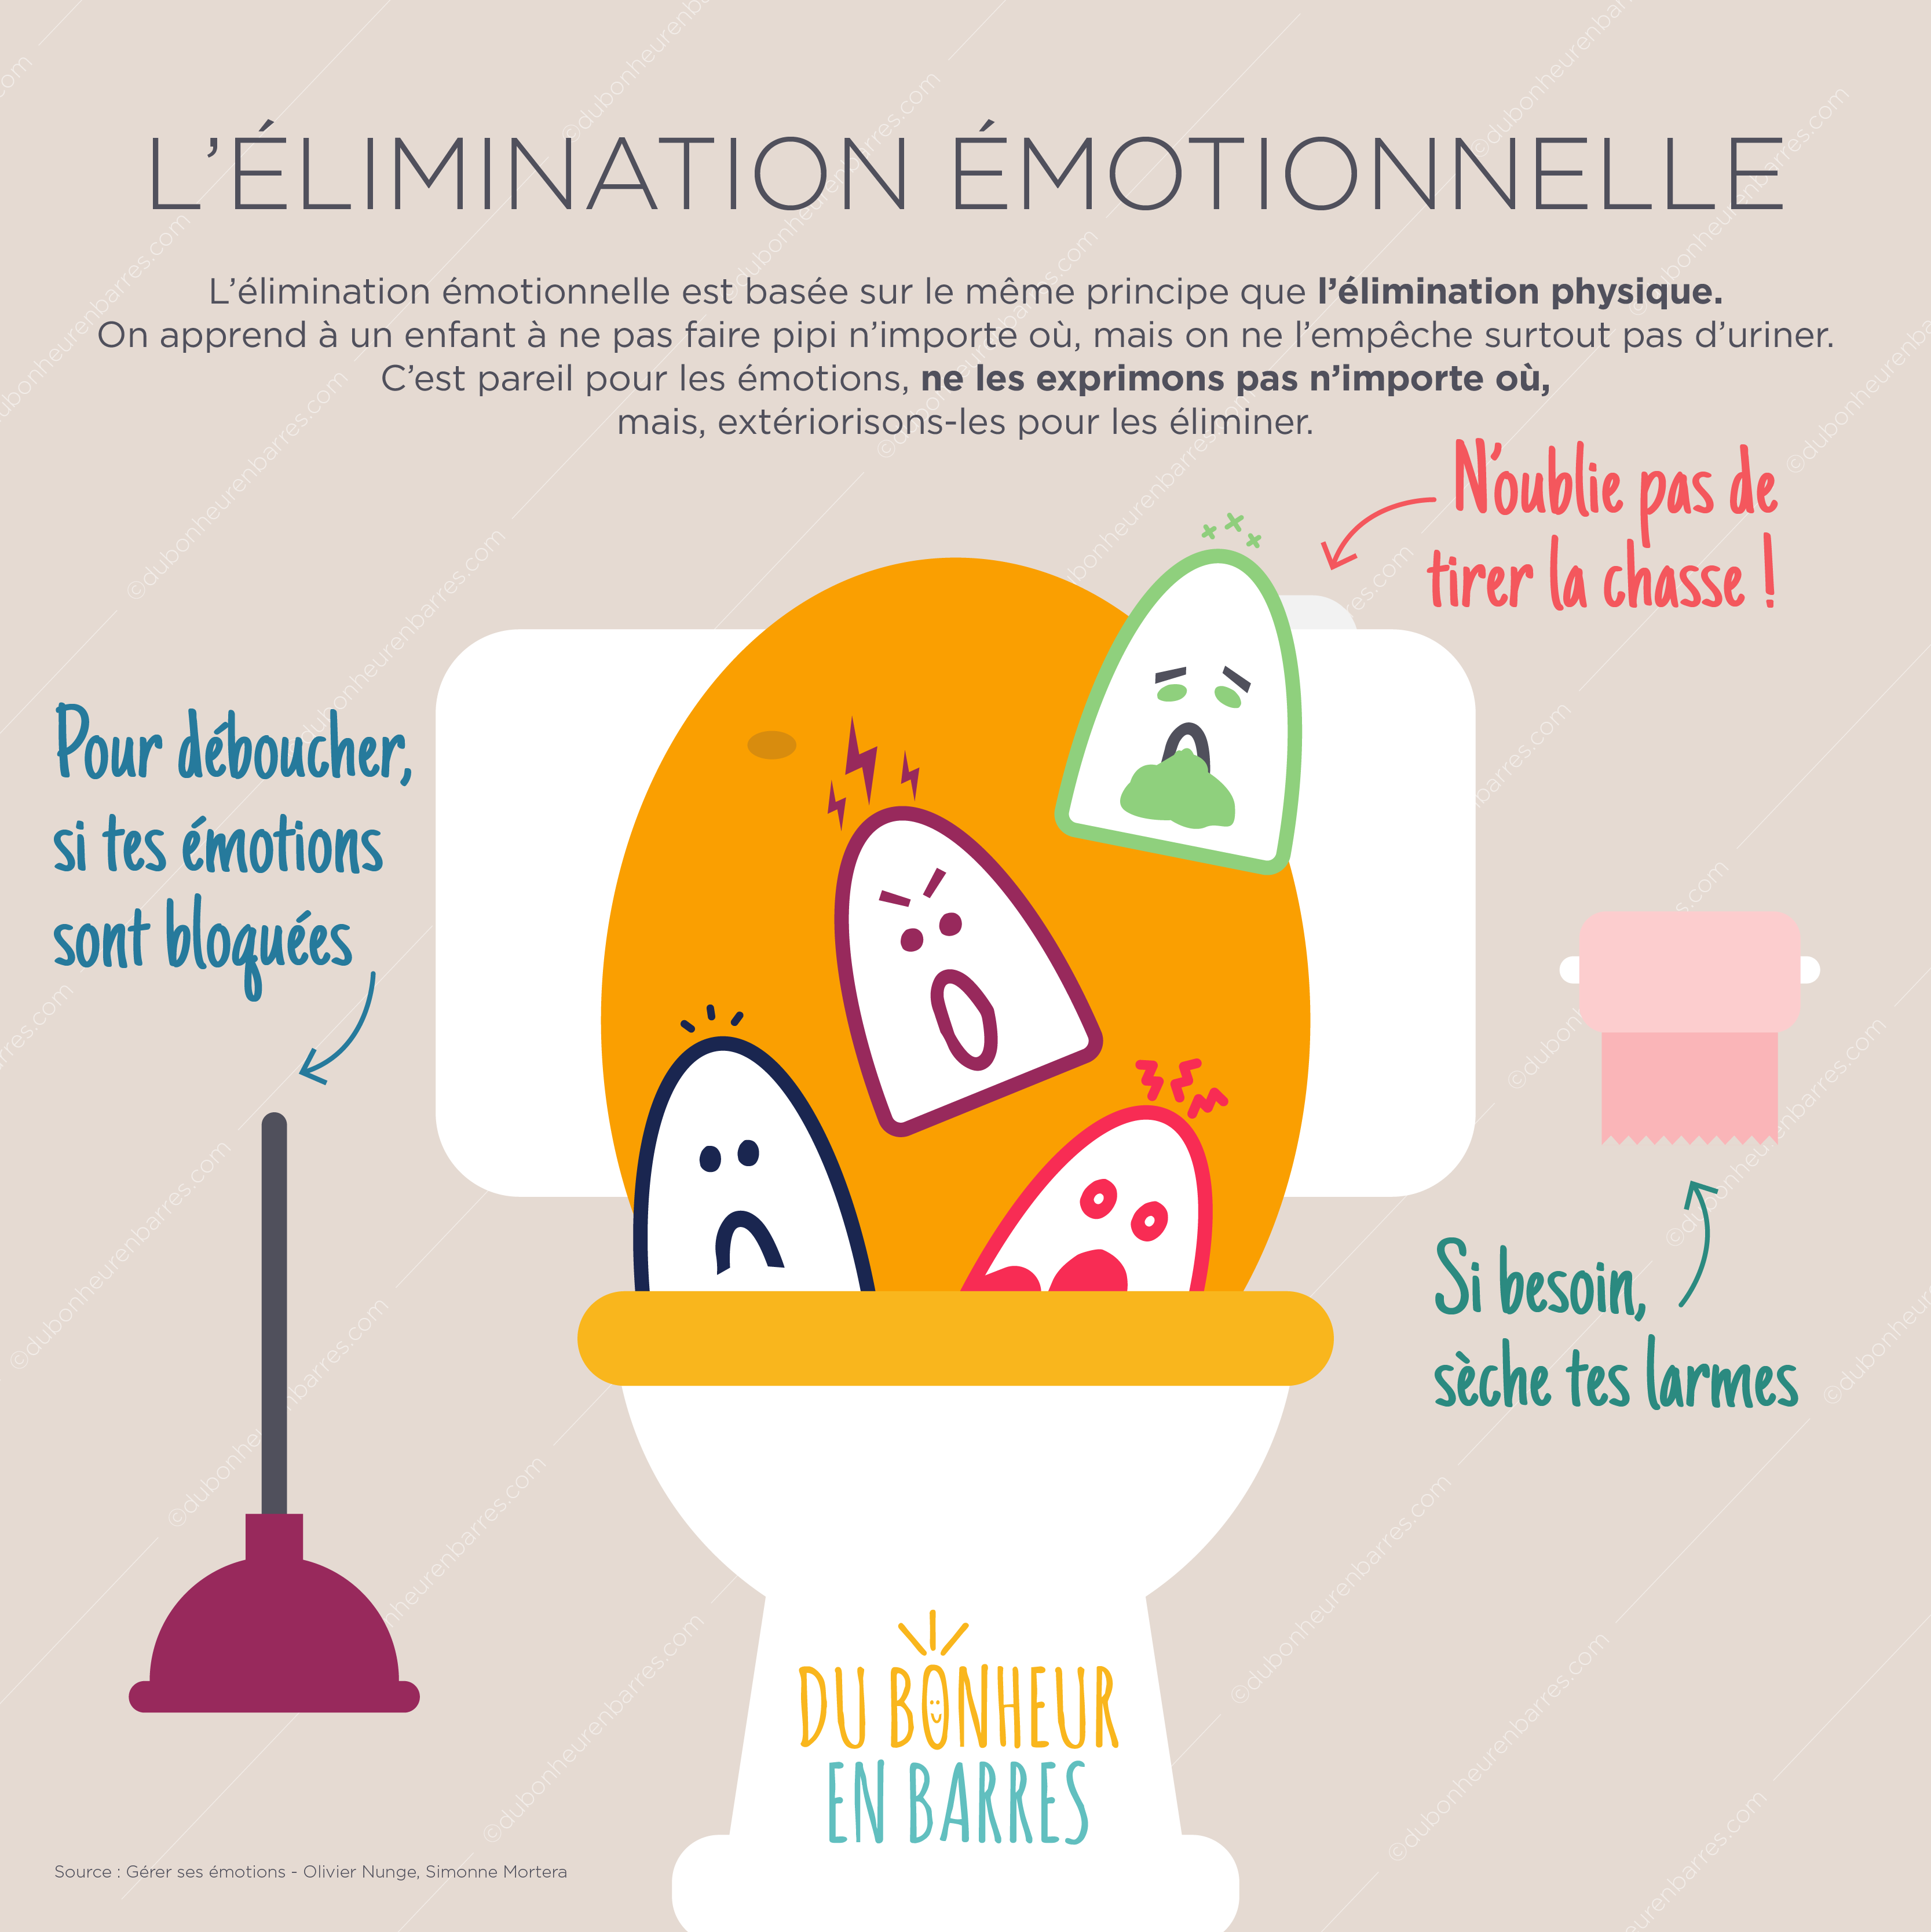 L'élimination émotionnelle